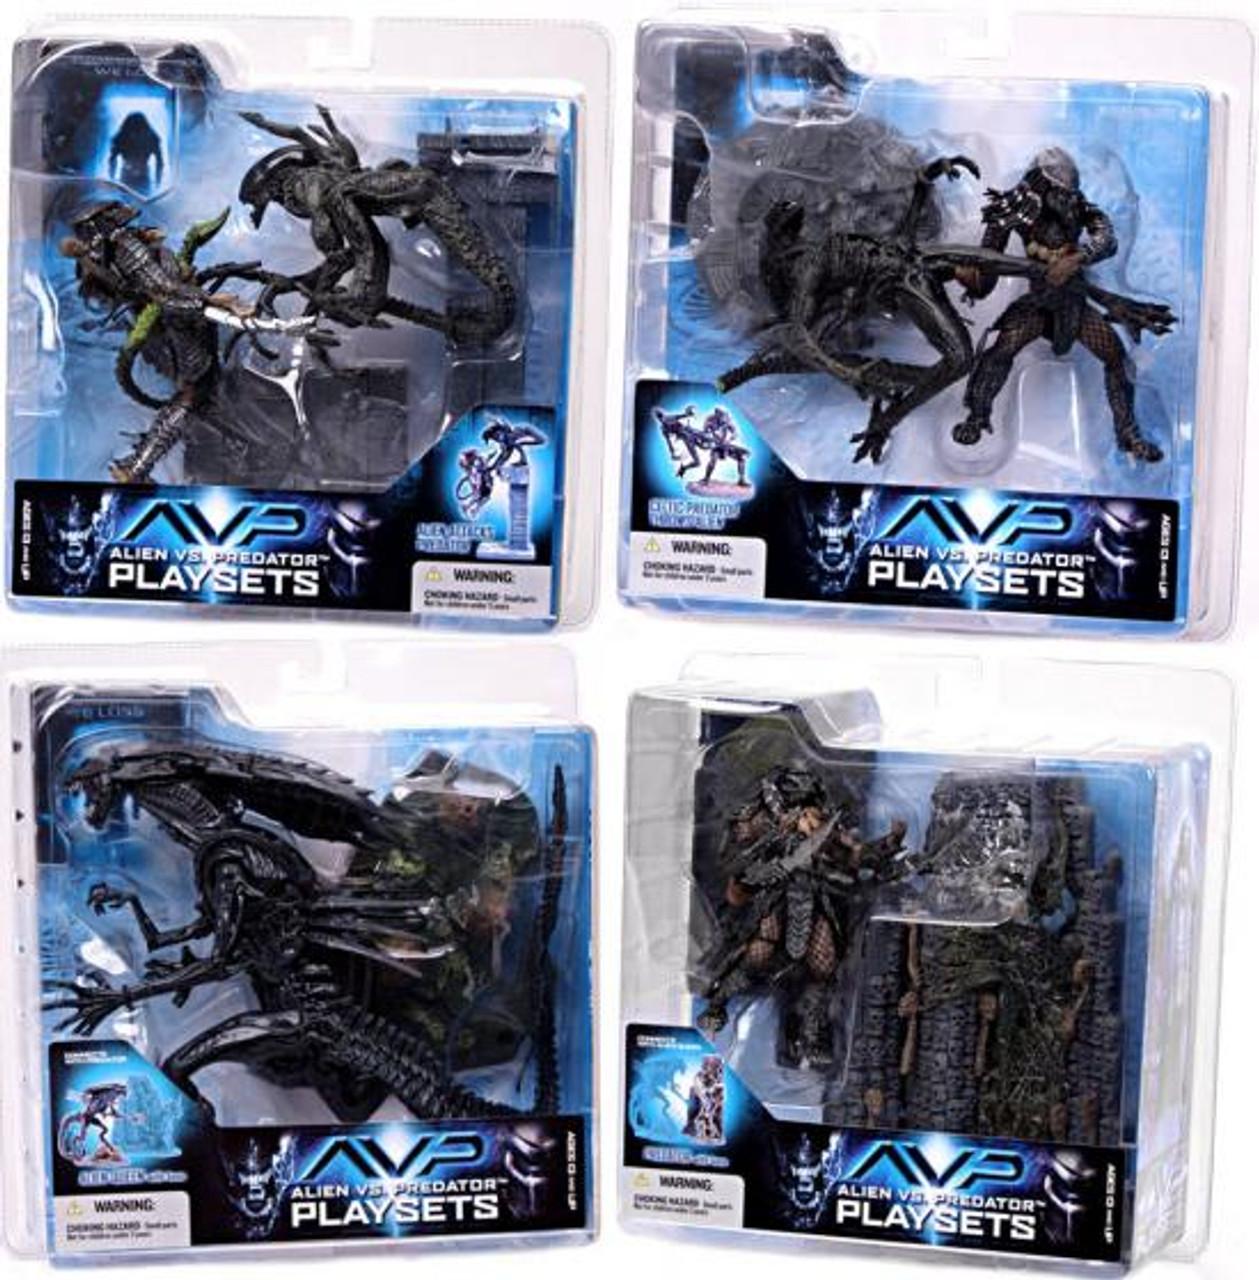 McFarlane Toys Alien vs Predator Alien vs. Predator Movie Playsets Alien vs. Predator Series 2 Set of 4 Action Figure Sets